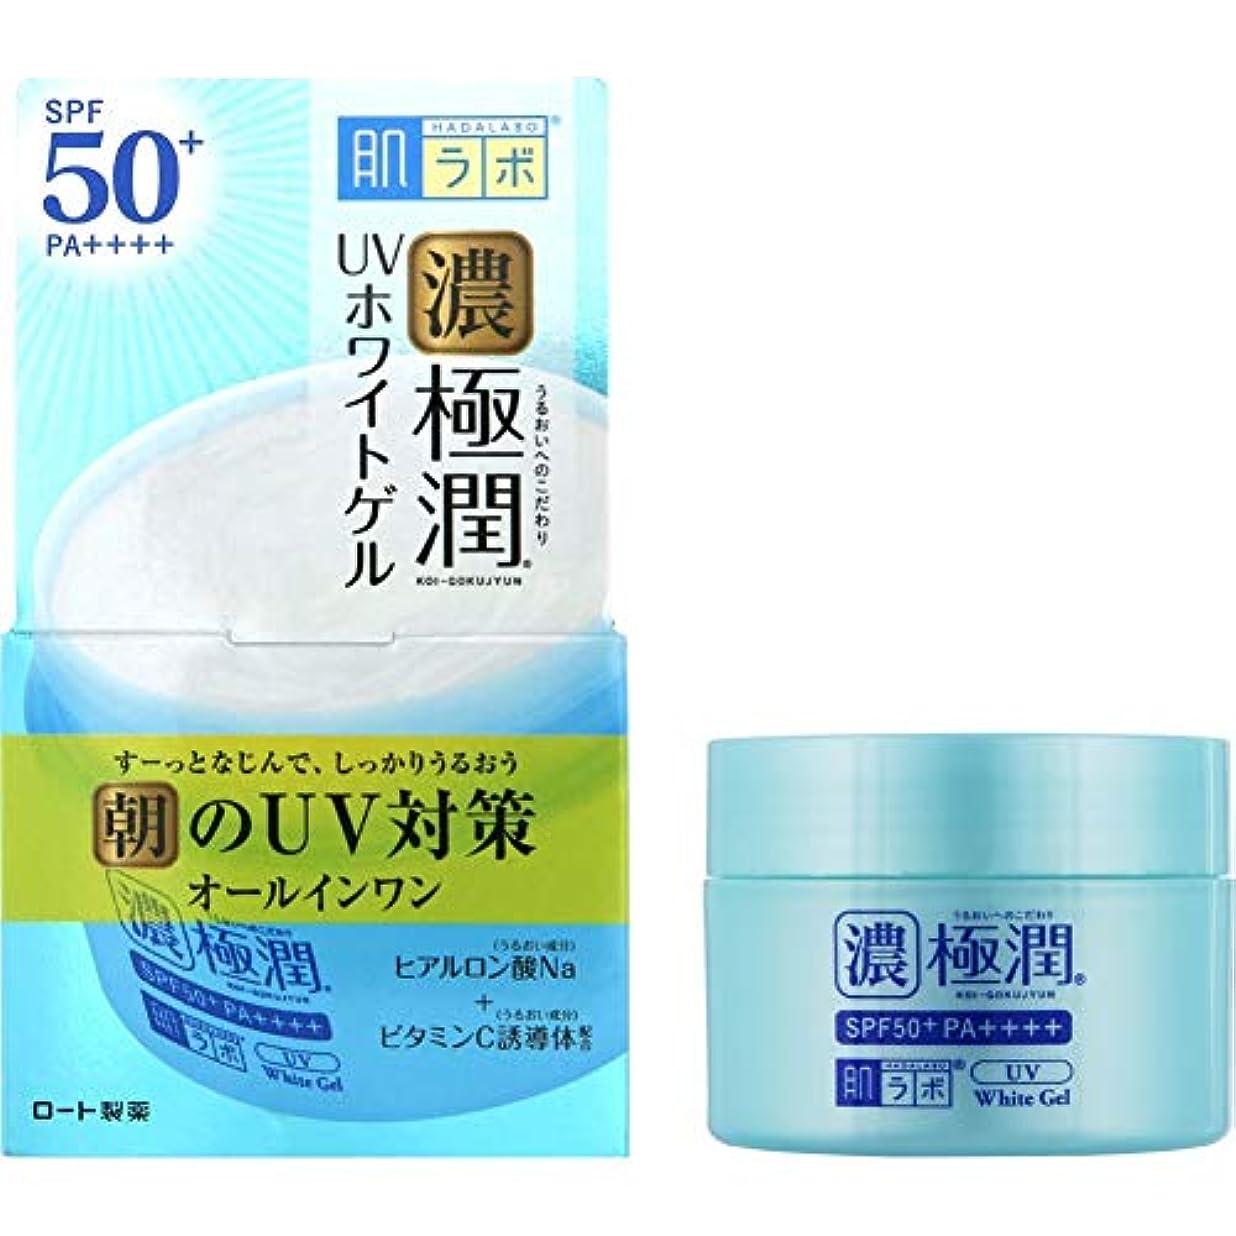 ホットおとうさん批判的肌ラボ 極潤 UVホワイトゲル (SPF50+ PA++++) 90g